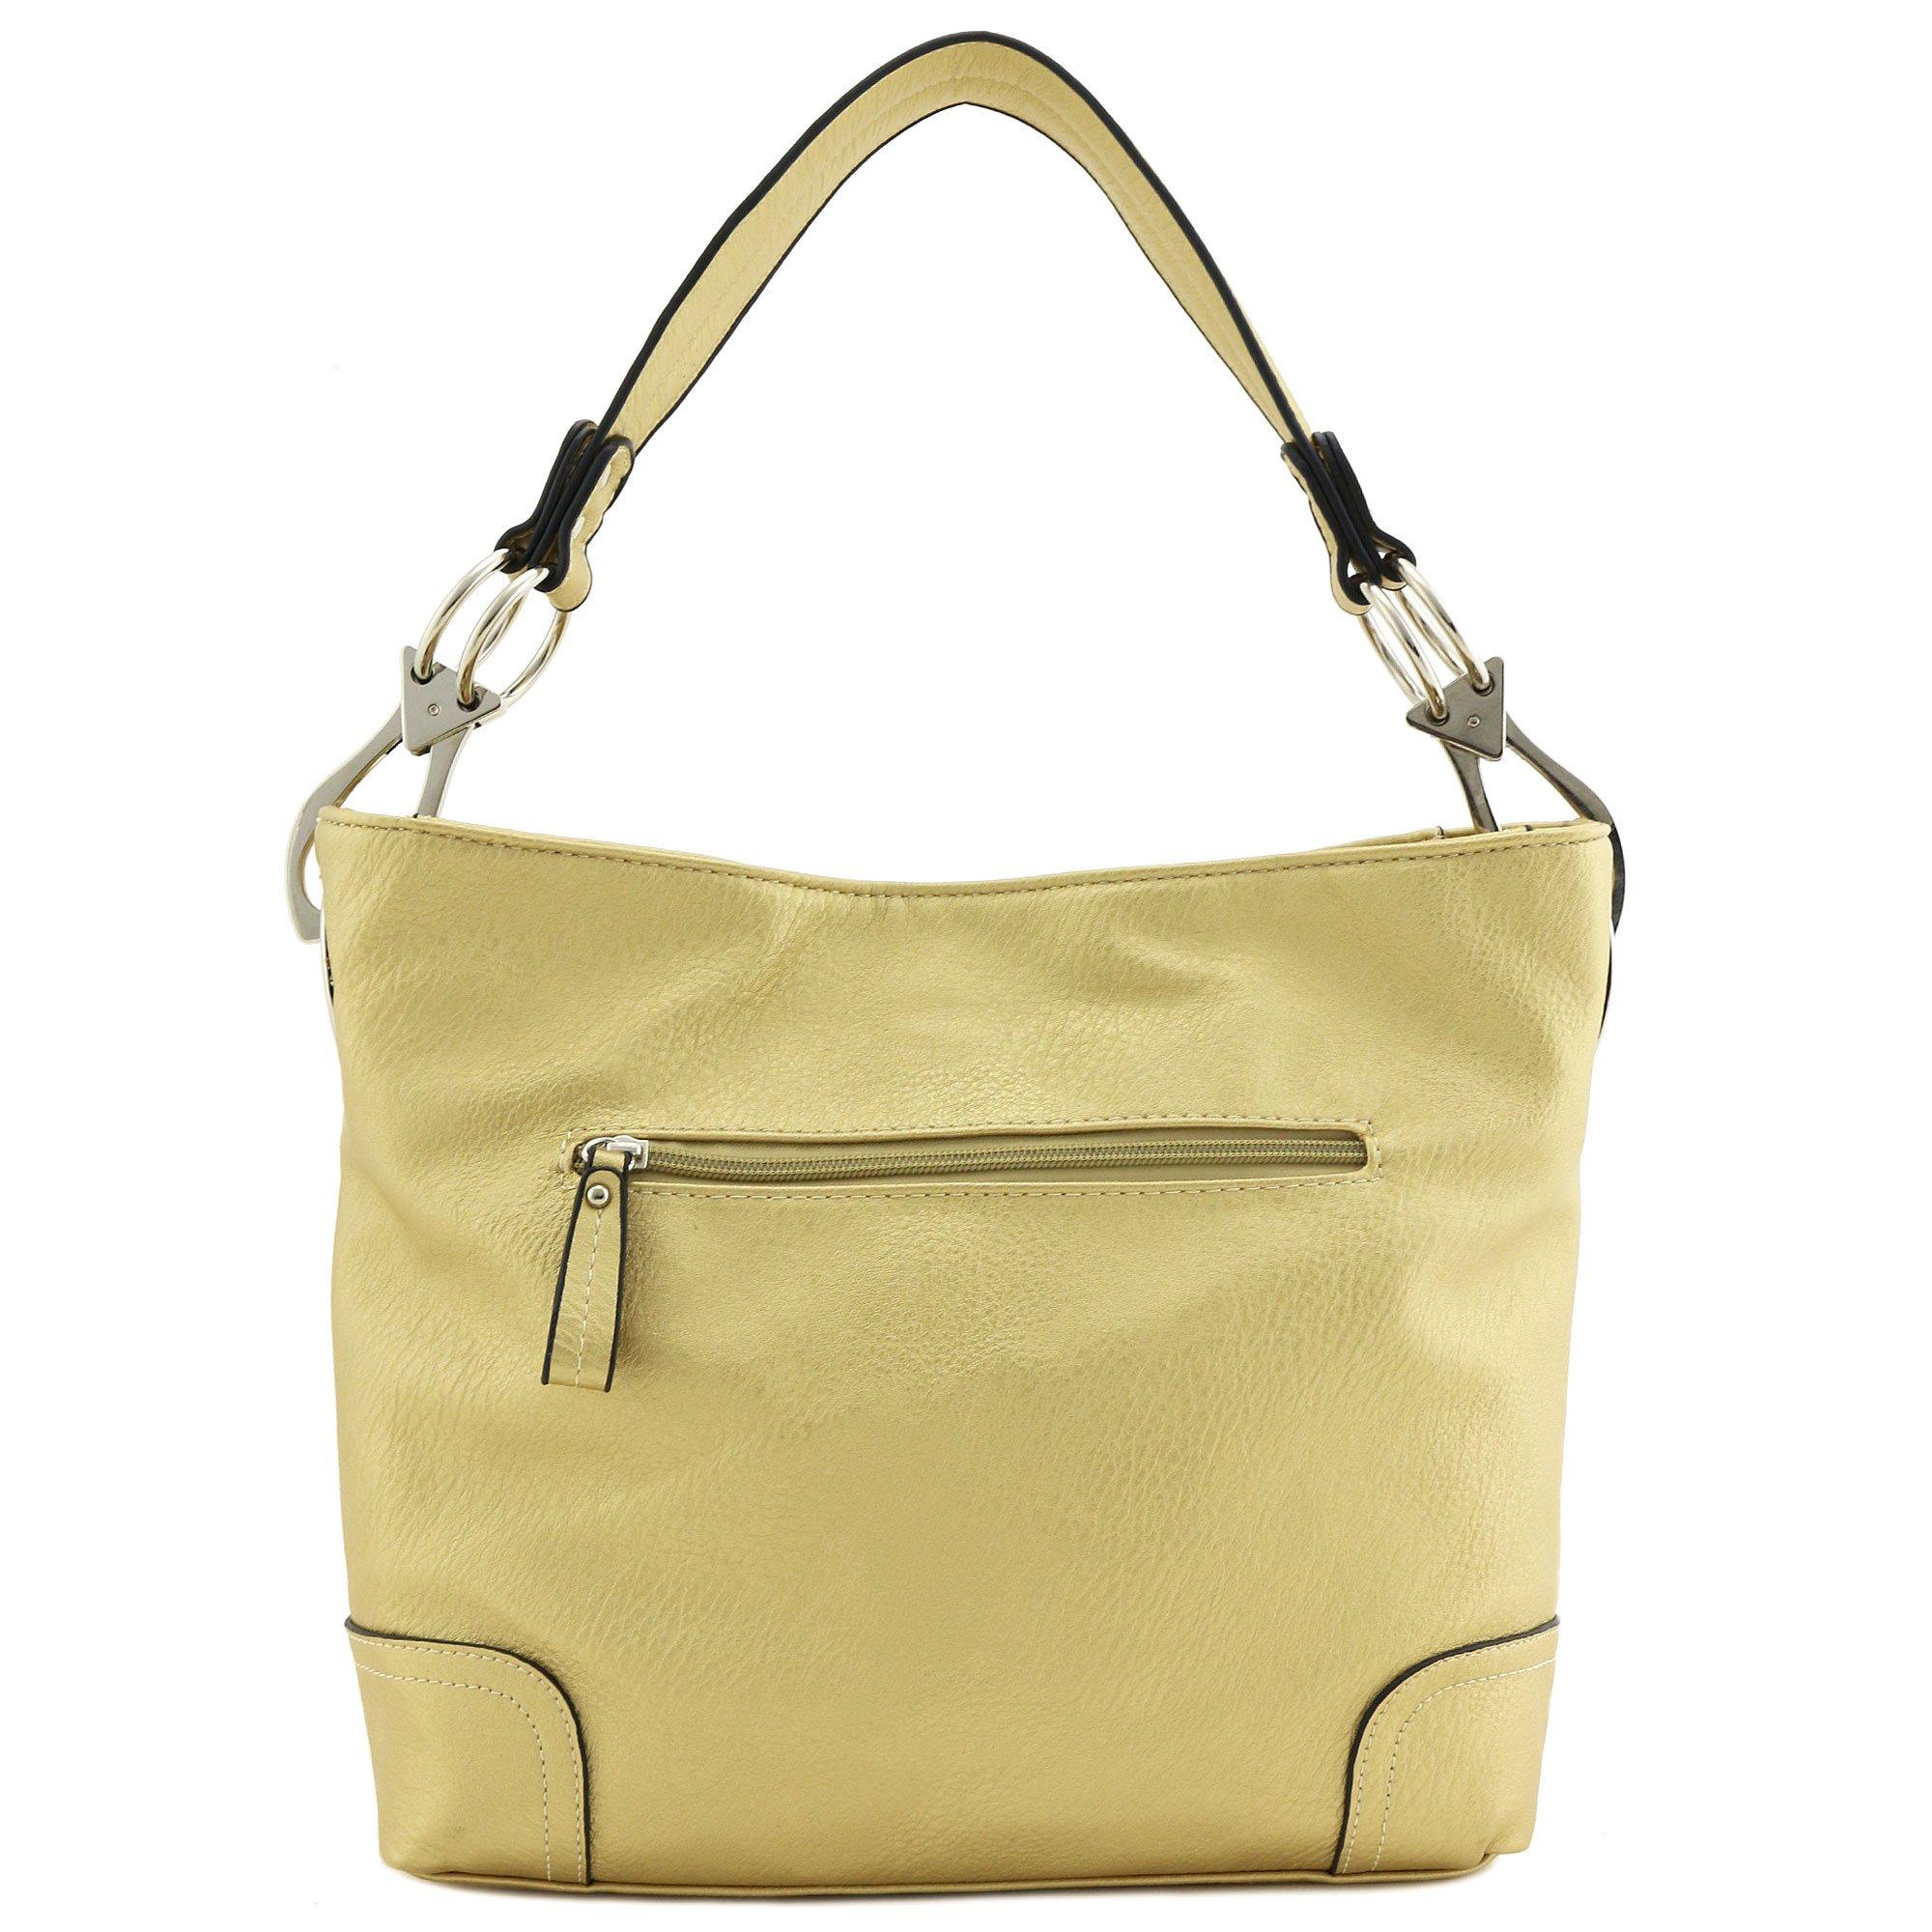 Hobo Shoulder Bag with Big Snap Hook Hardware (Gold) by Alyssa (Image #5)